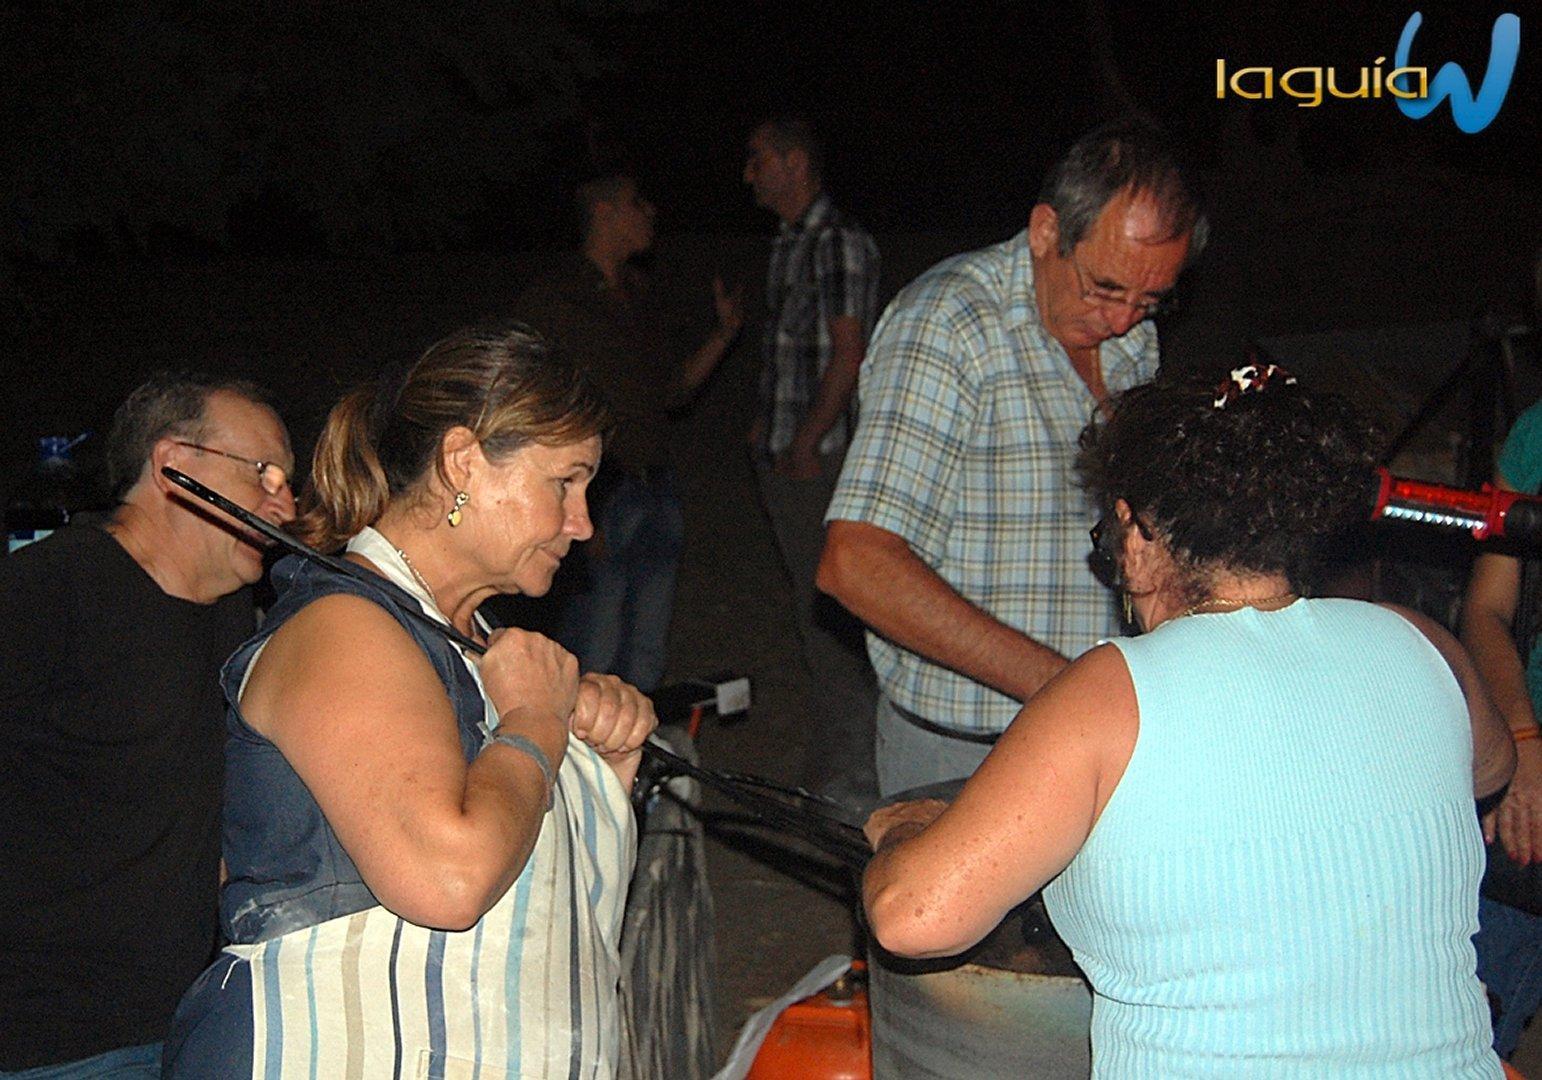 Romeria rociera 2012 archena En La Luz Comida y Noche cena